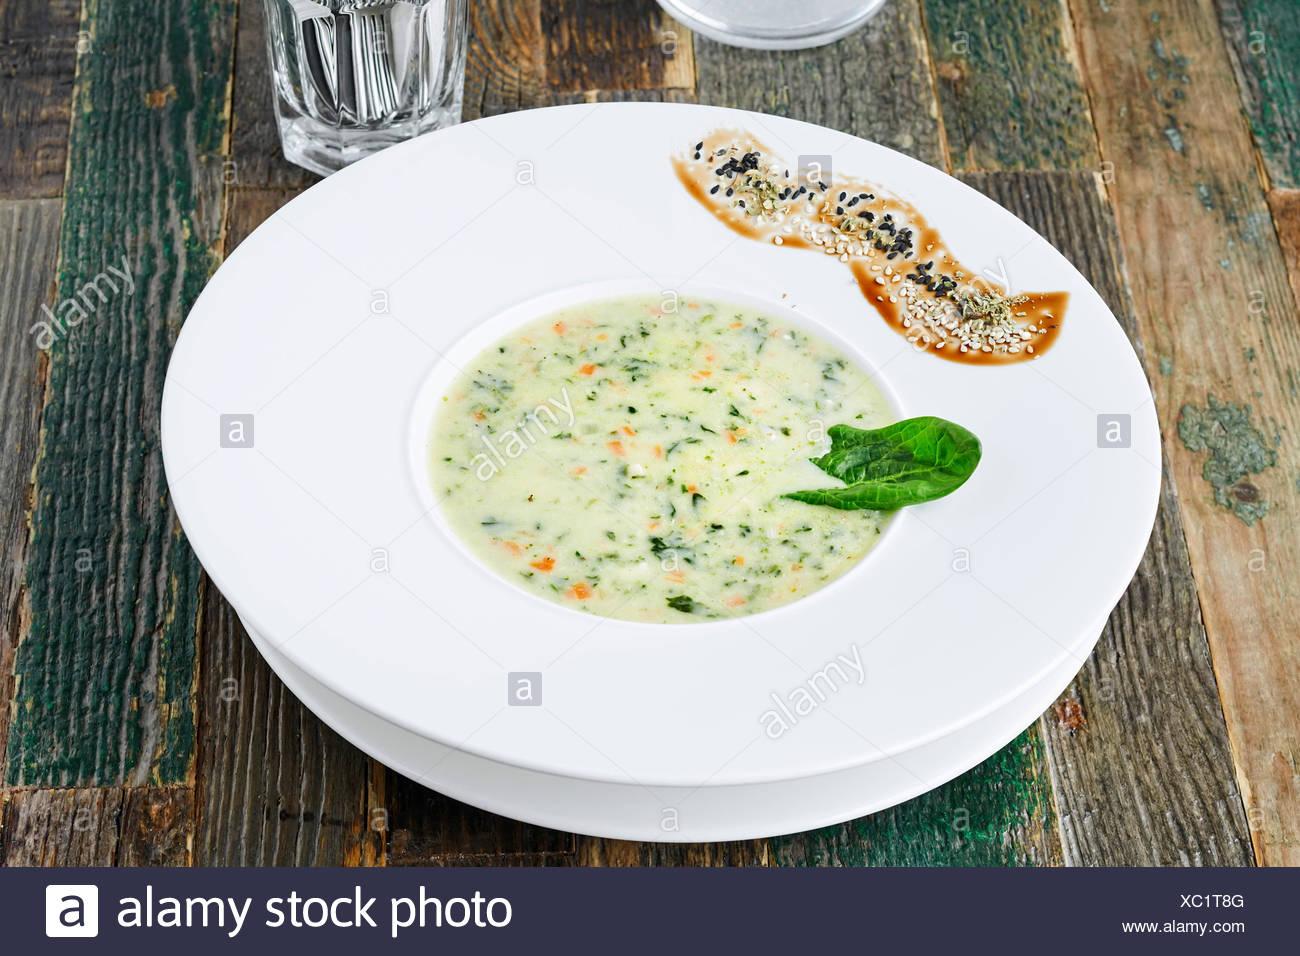 Zucchini-Suppe auf Holztisch, horizontale erschossen Stockbild